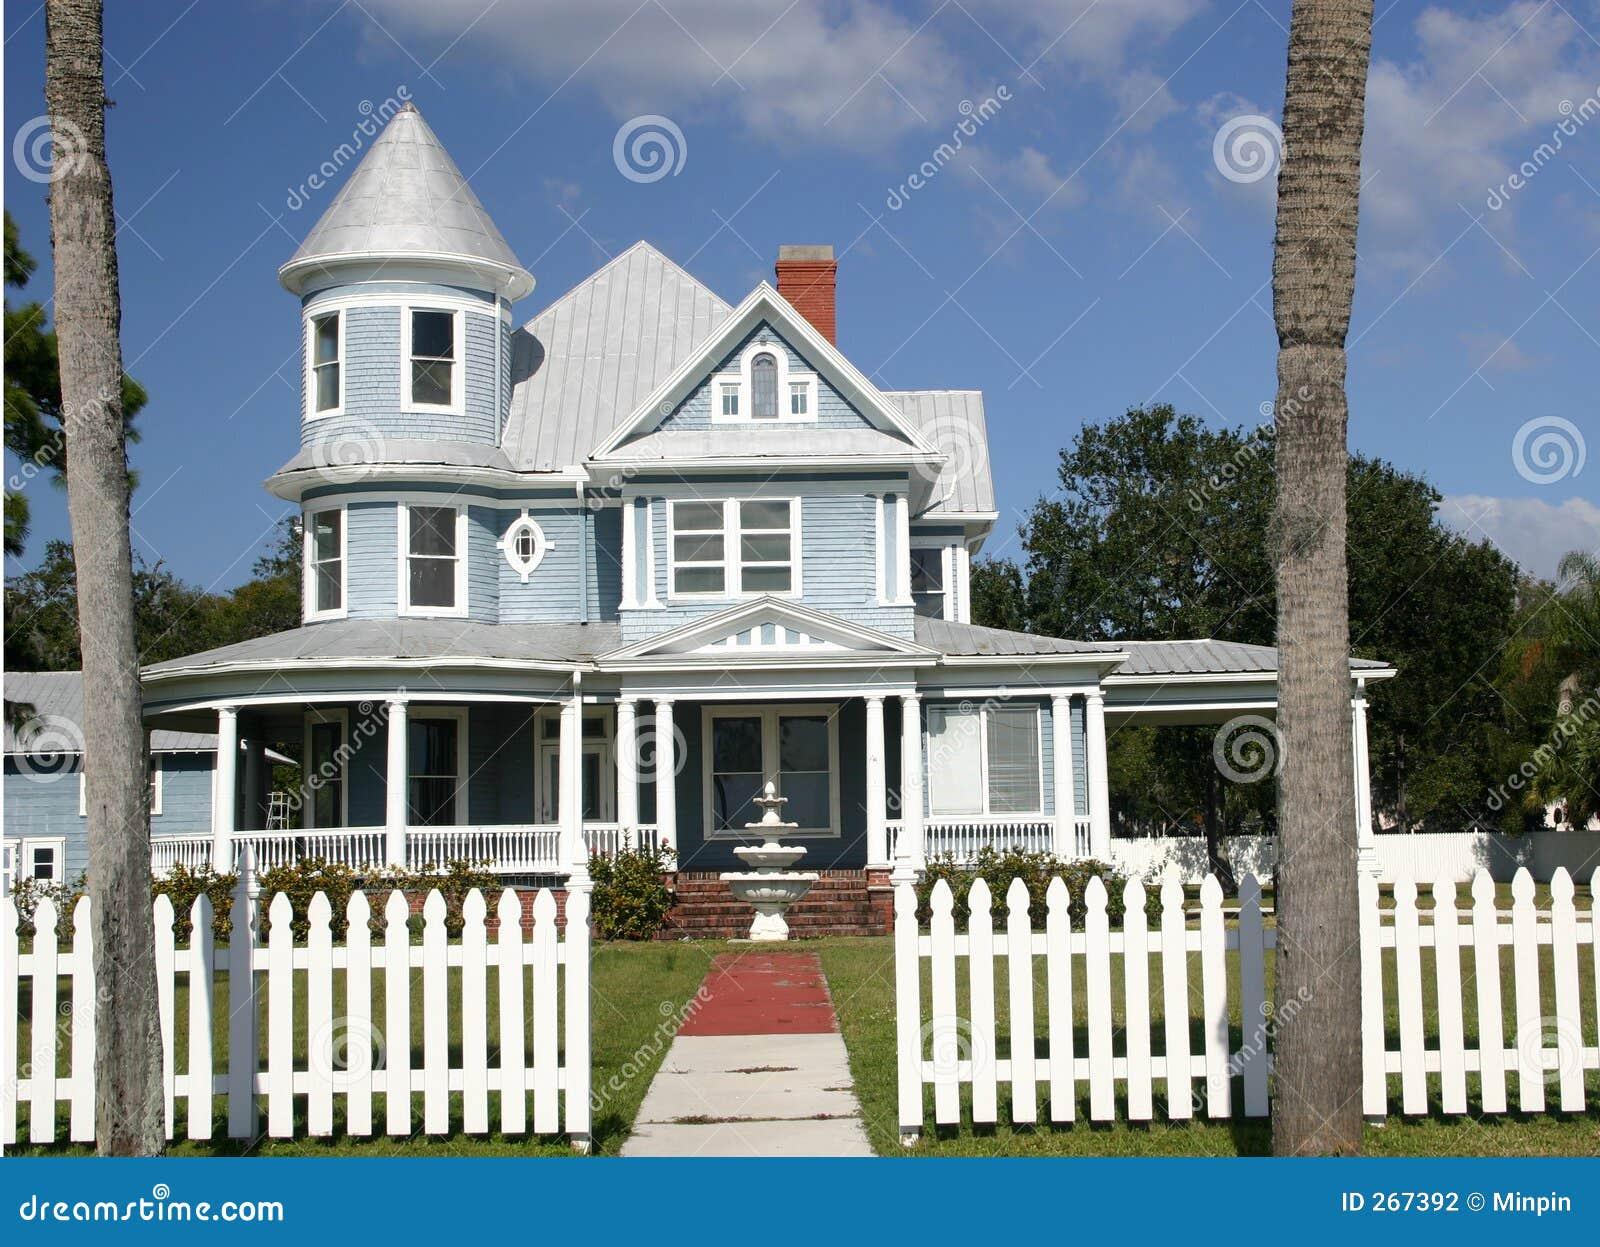 Maison victorienne photographie stock image 267392 - La maison victorienne ...